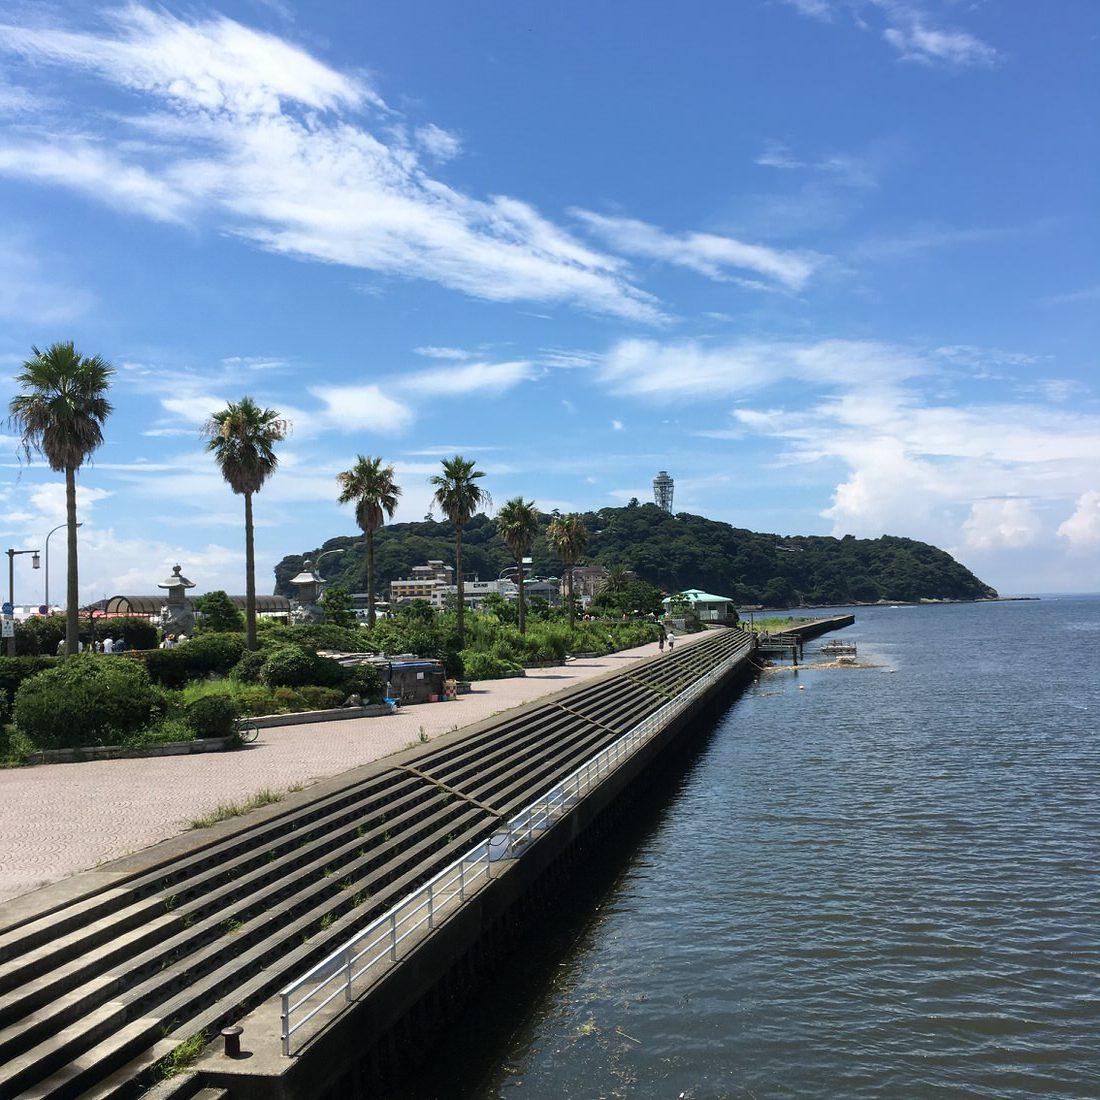 新江ノ島水族館でイルカショーをカメロンパンを食べながら楽しんできた!